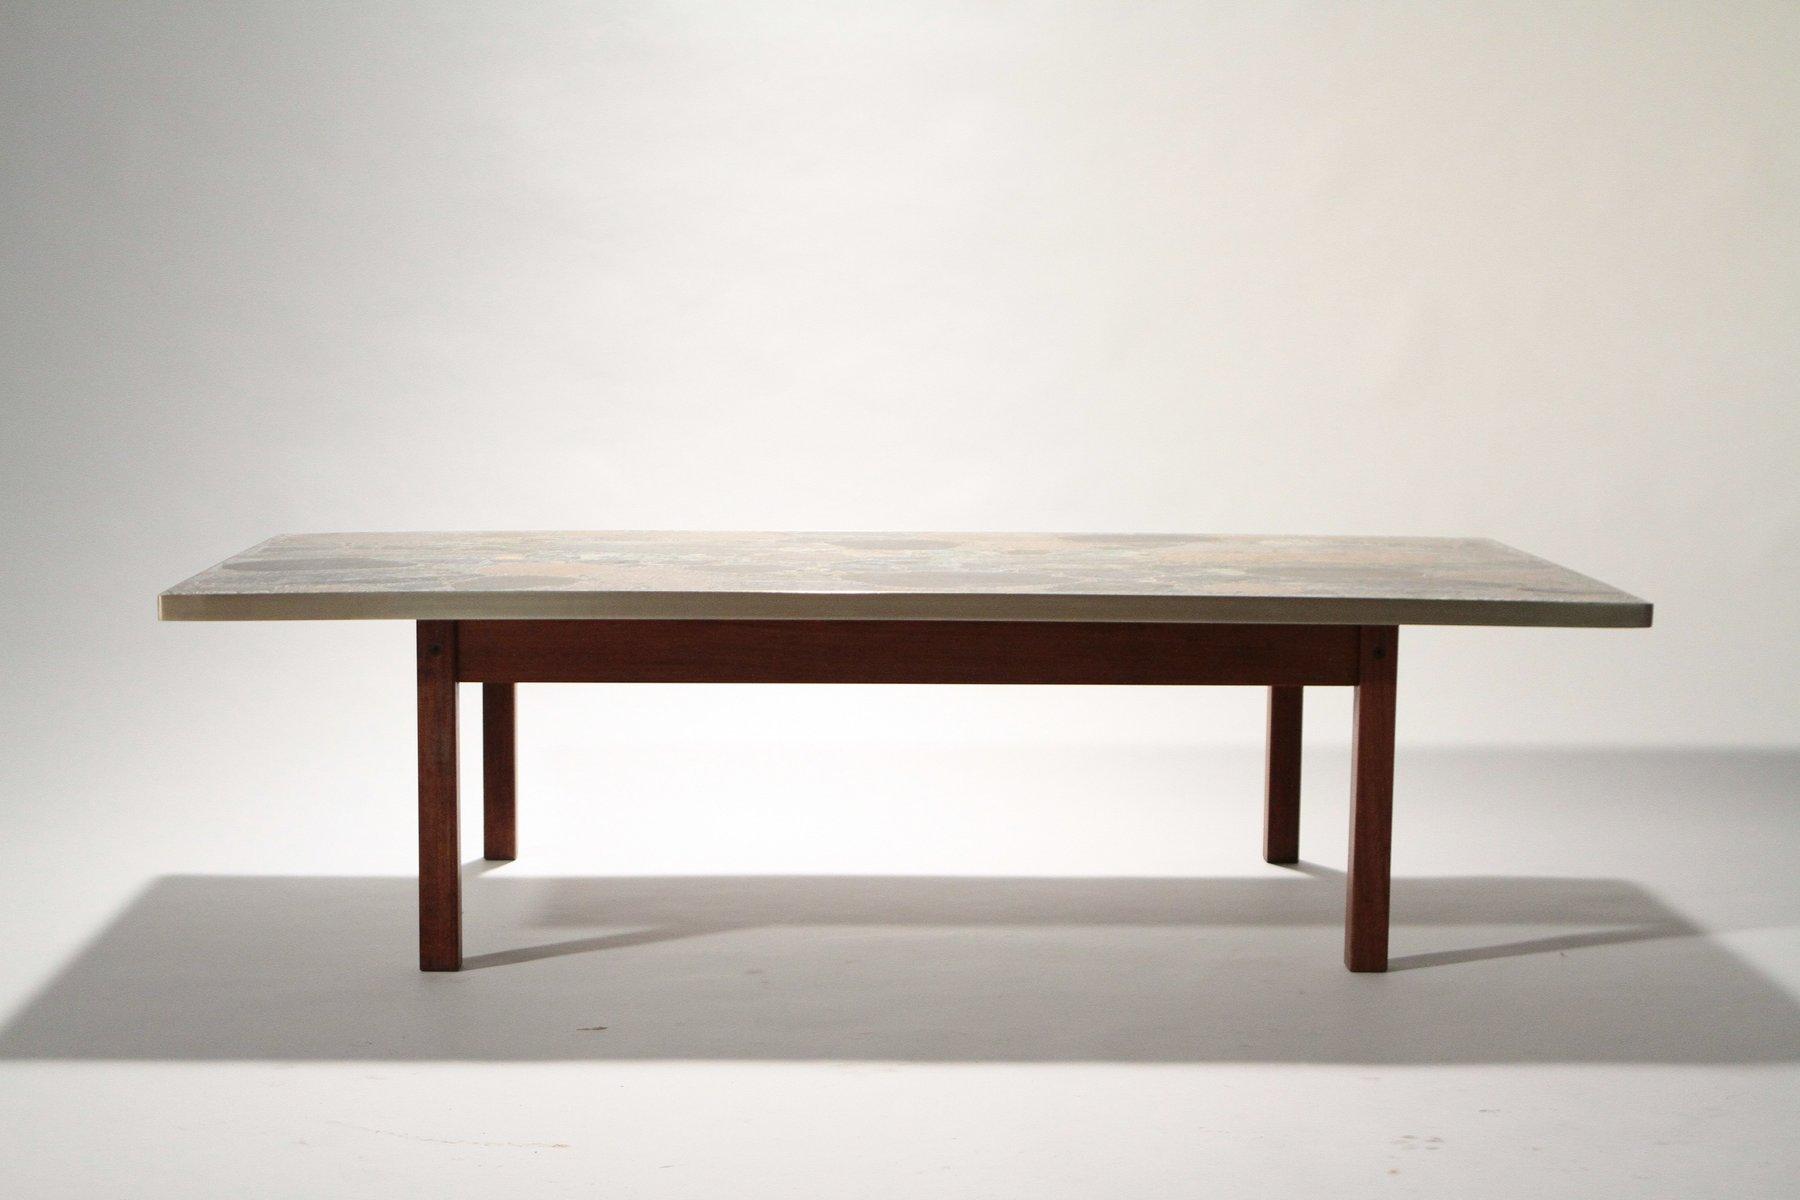 gro er tisch aus stein messing von torbj rn afdal 1960er bei pamono kaufen. Black Bedroom Furniture Sets. Home Design Ideas